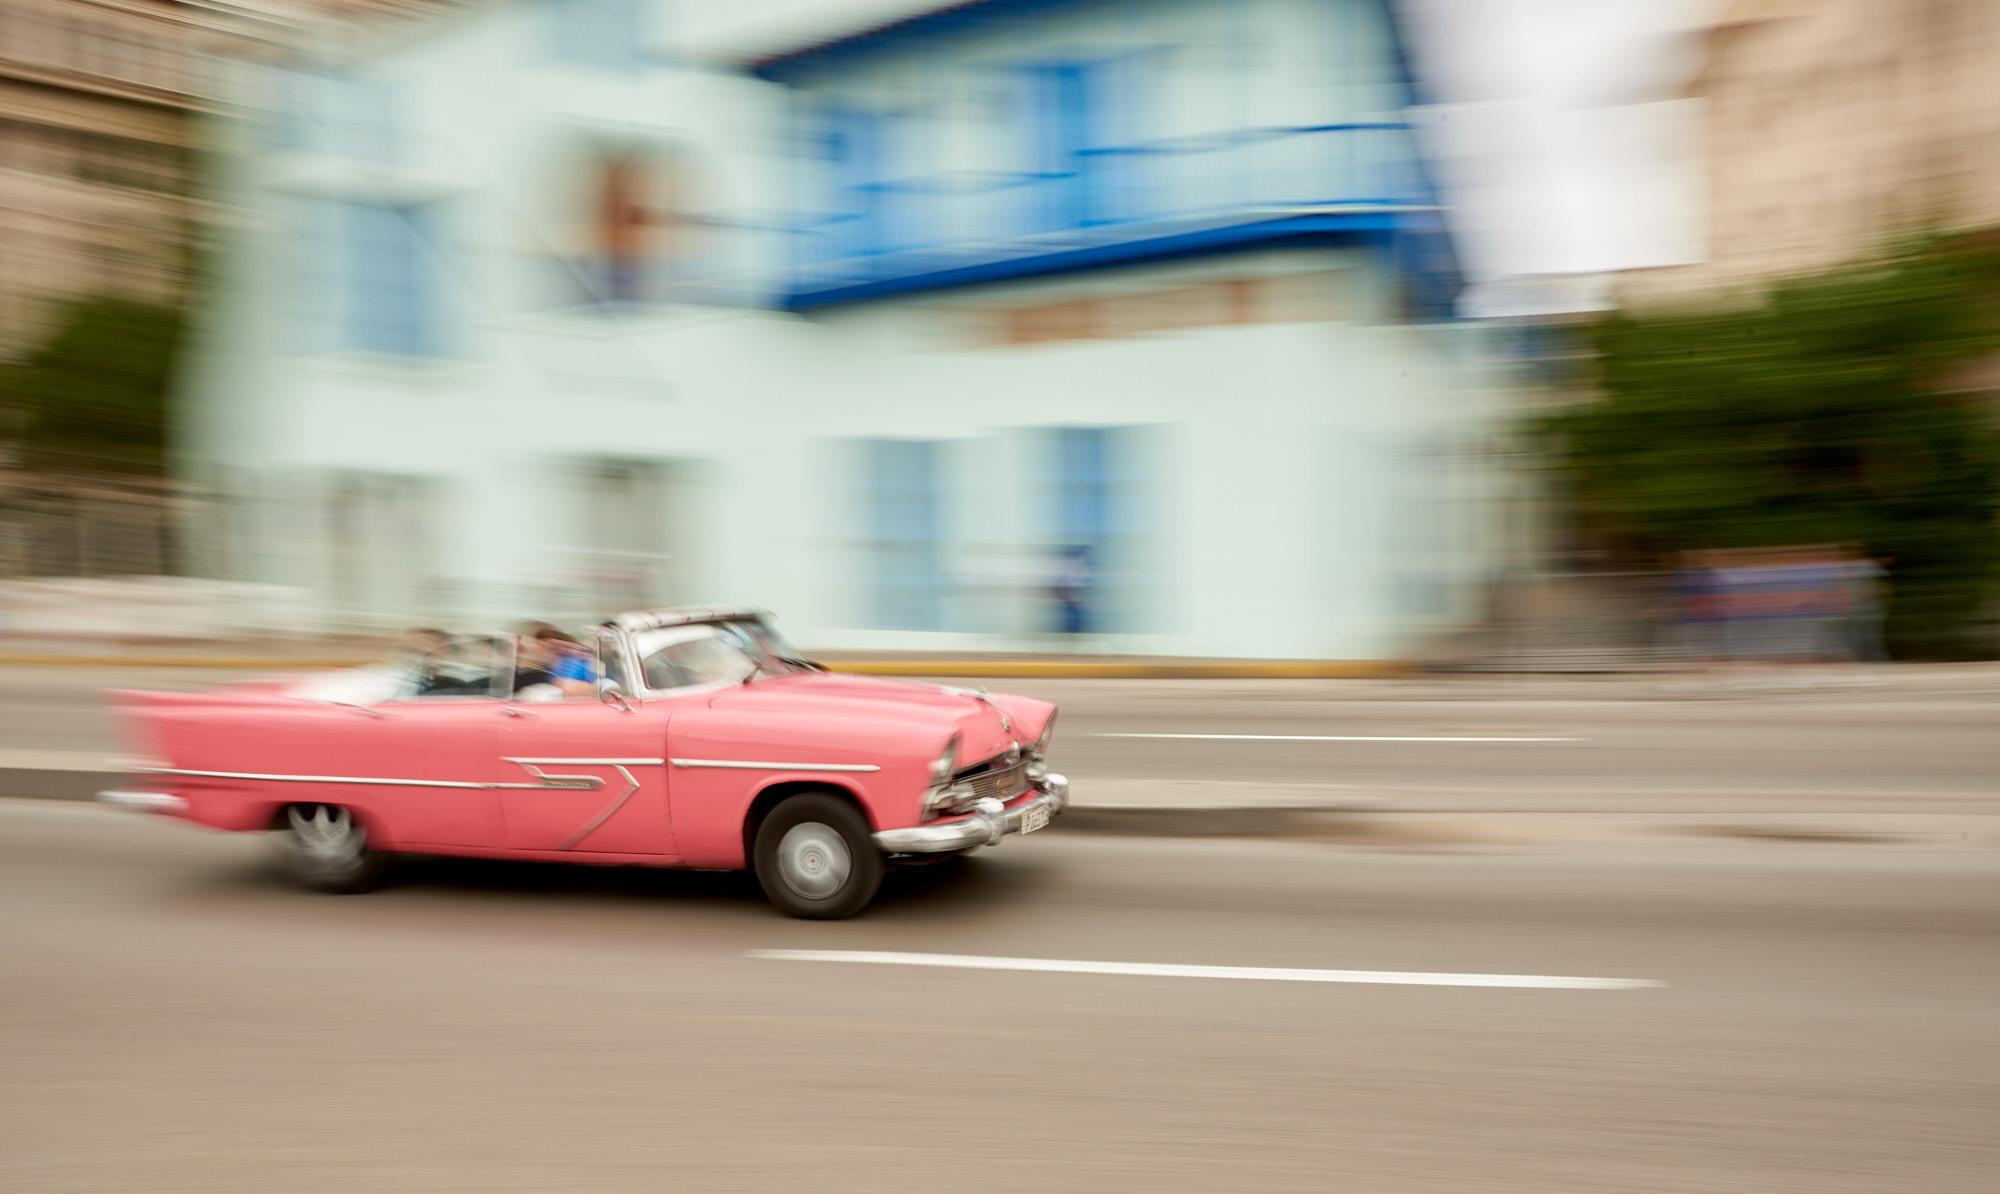 18-01-02-Cuba_0145Web.jpg